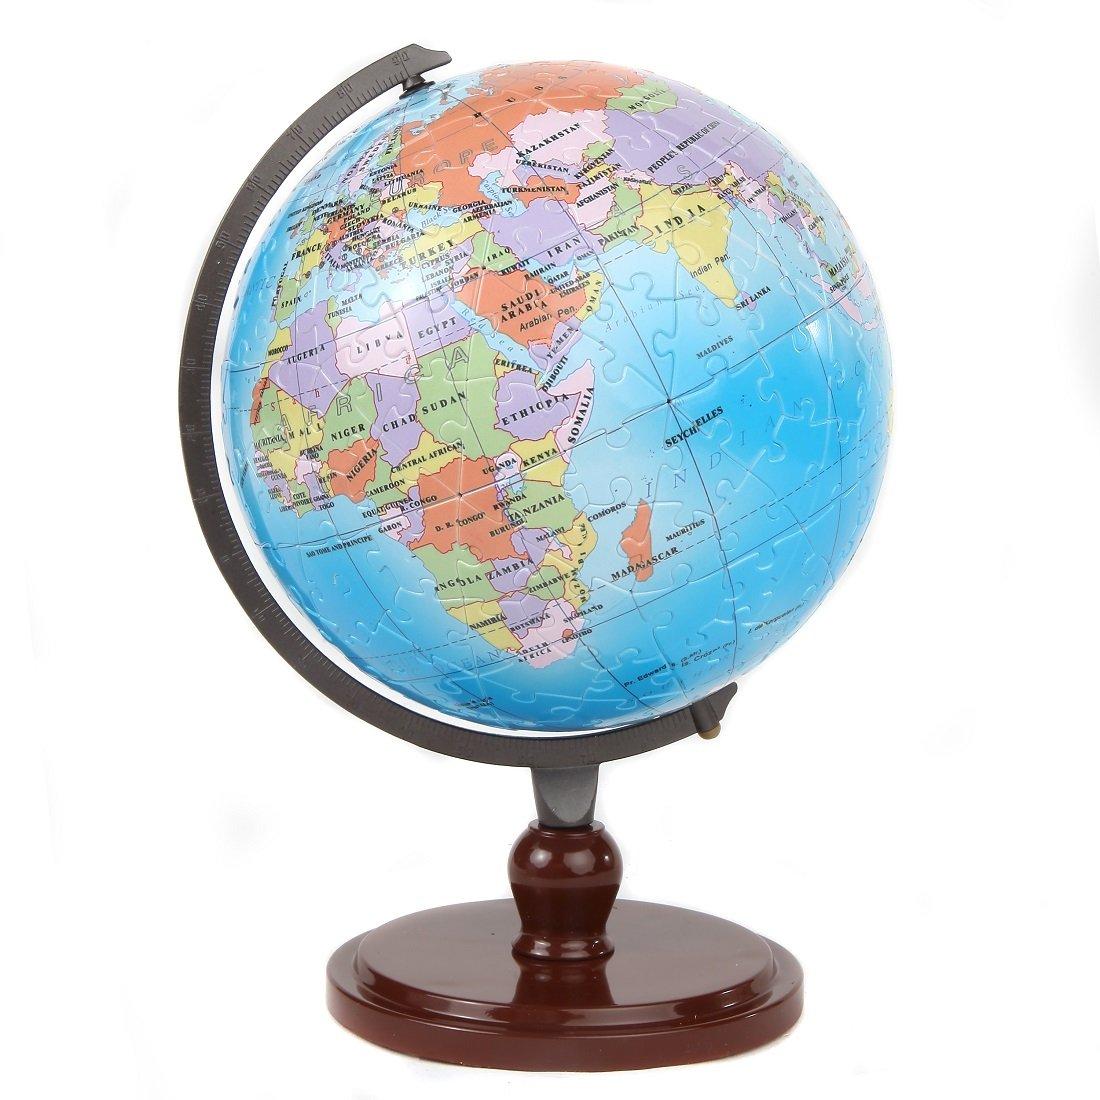 格安SALEスタート! Lily 's Home for Your World 3dキッズ教育インタラクティブGlobeパズル| Earth Globe for Globe World Kids | 480ピースPuzzleball – 9インチGlobe B077D25VCS, アヤウタチョウ:a0150bd6 --- clubavenue.eu